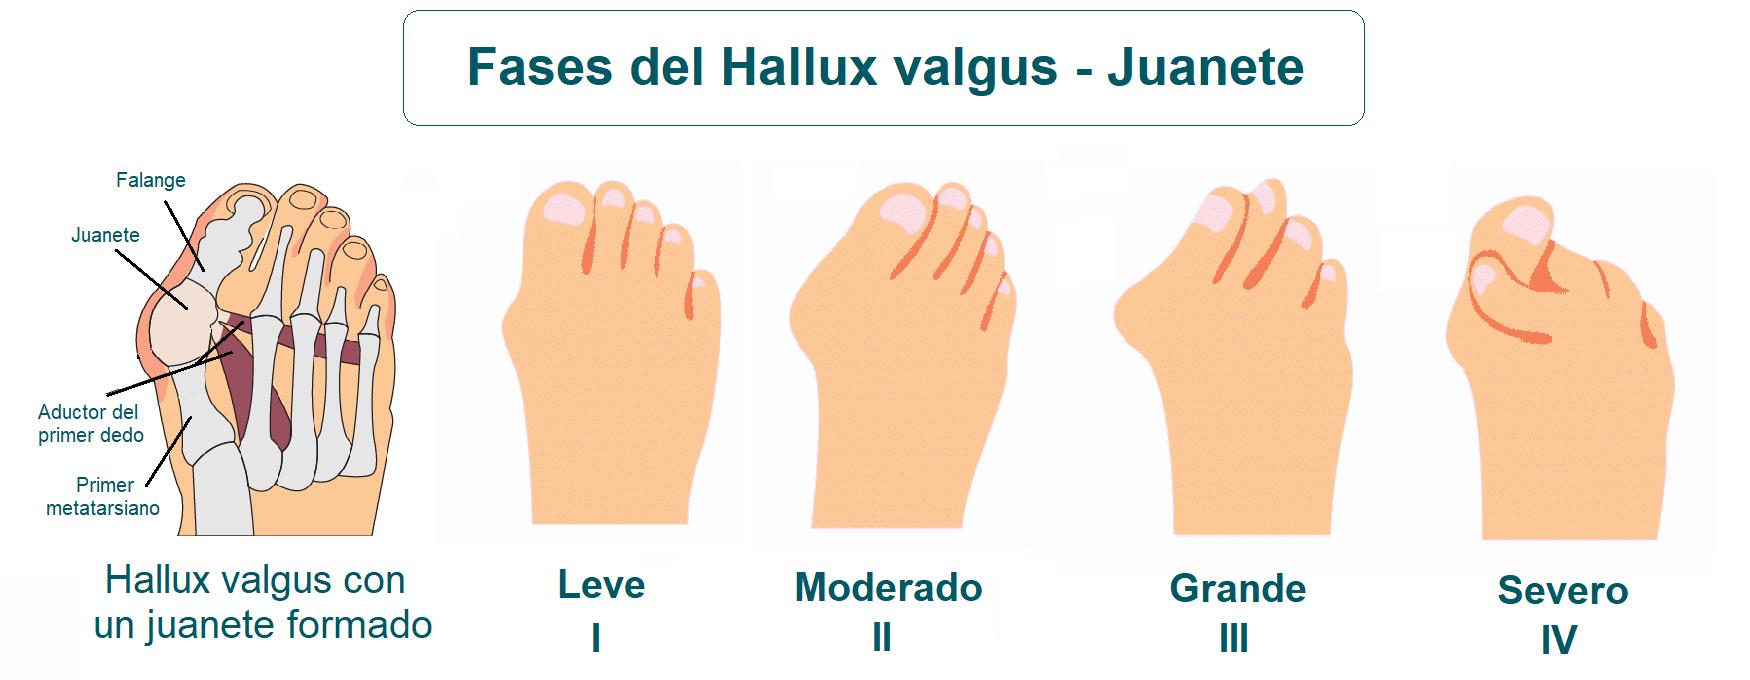 Grados o fases del hallux valgus o juanete